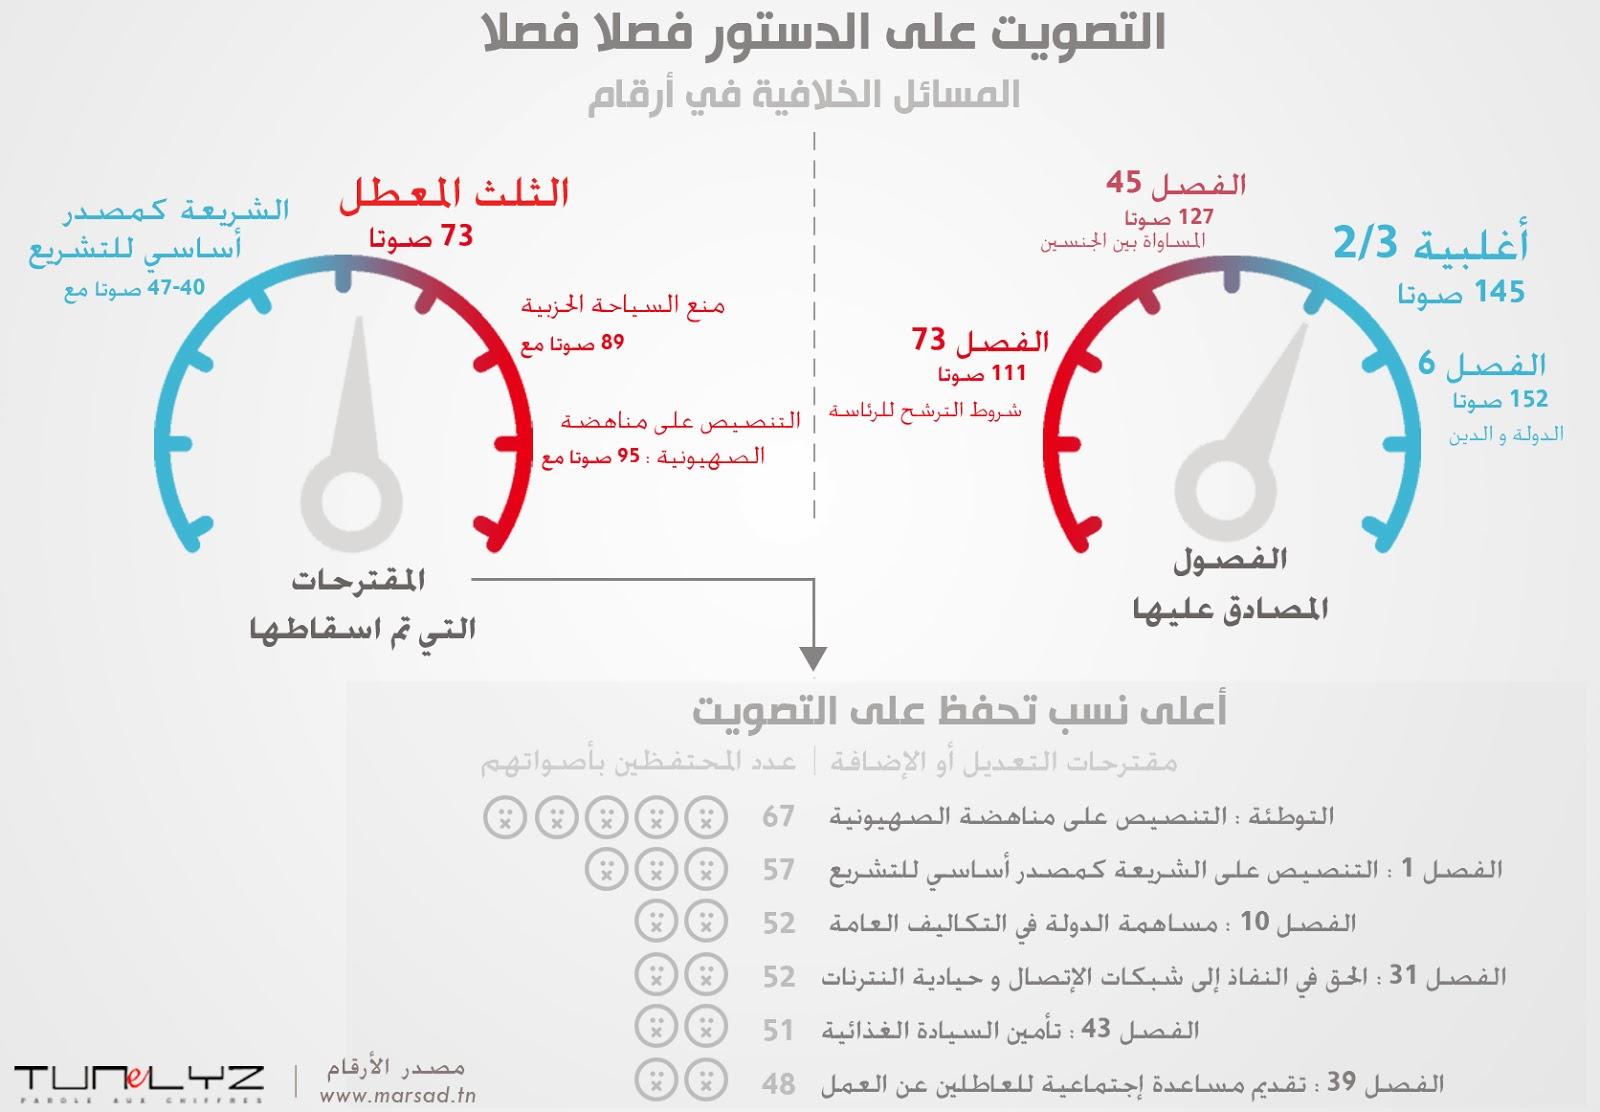 http://www.tunelyz.com/2014/01/vote-du-projet-de-la-constitution.html